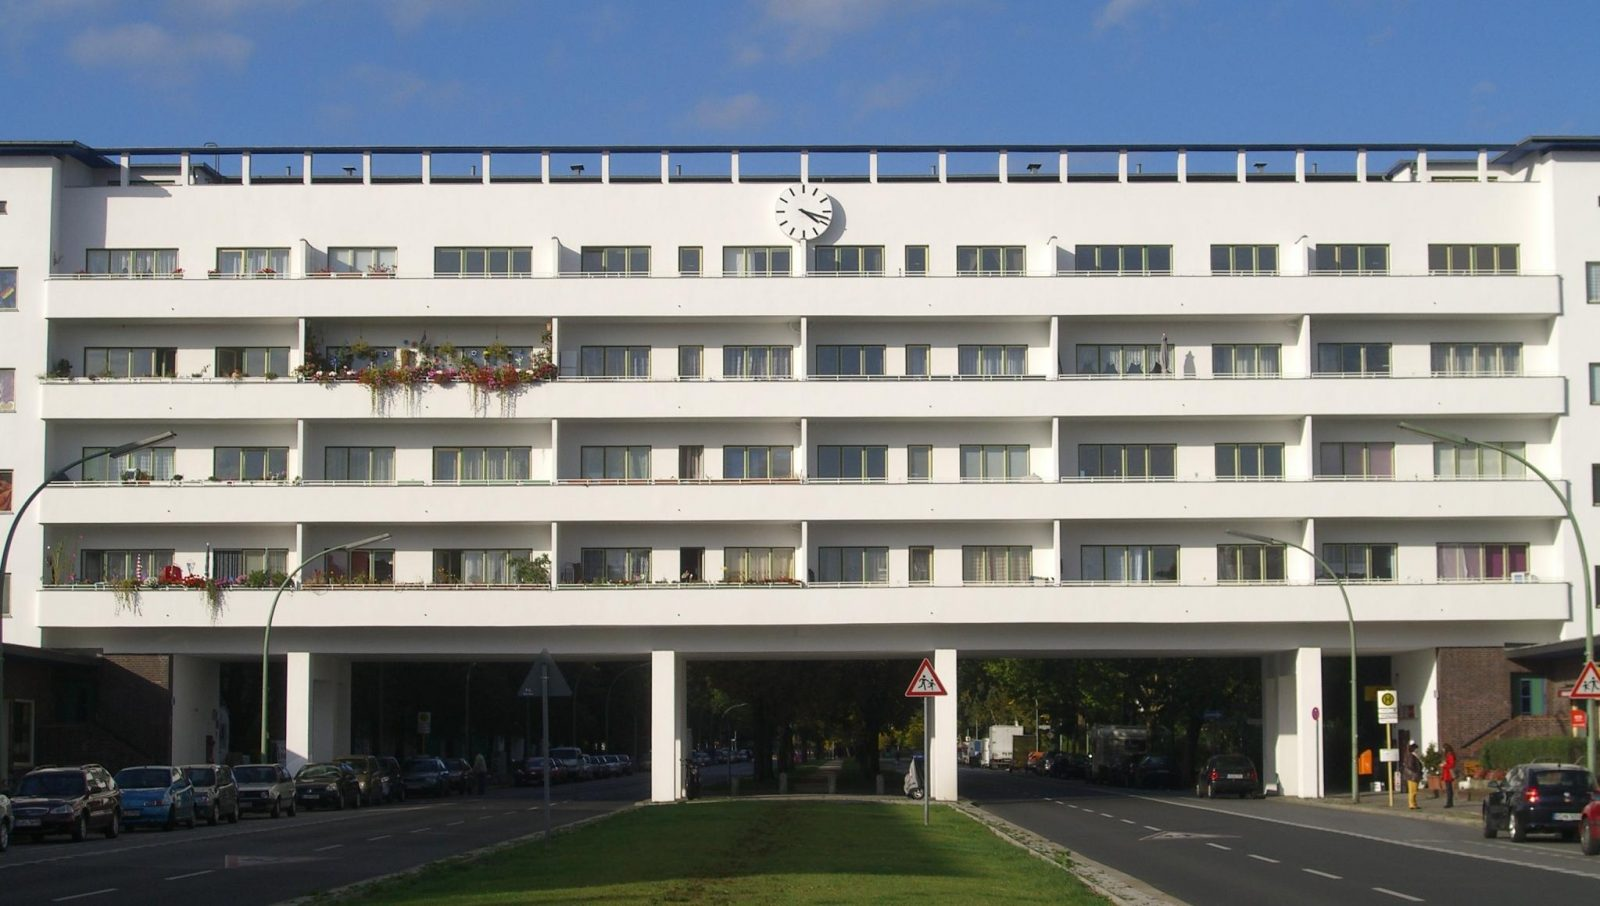 Laubenganghaus in der Weißen Stadt in Berlin-Reinickendorf, Deutschland (Aroser Allee 153/154, Architekt Otto Rudolf Salvisberg; von Südsüdwesten